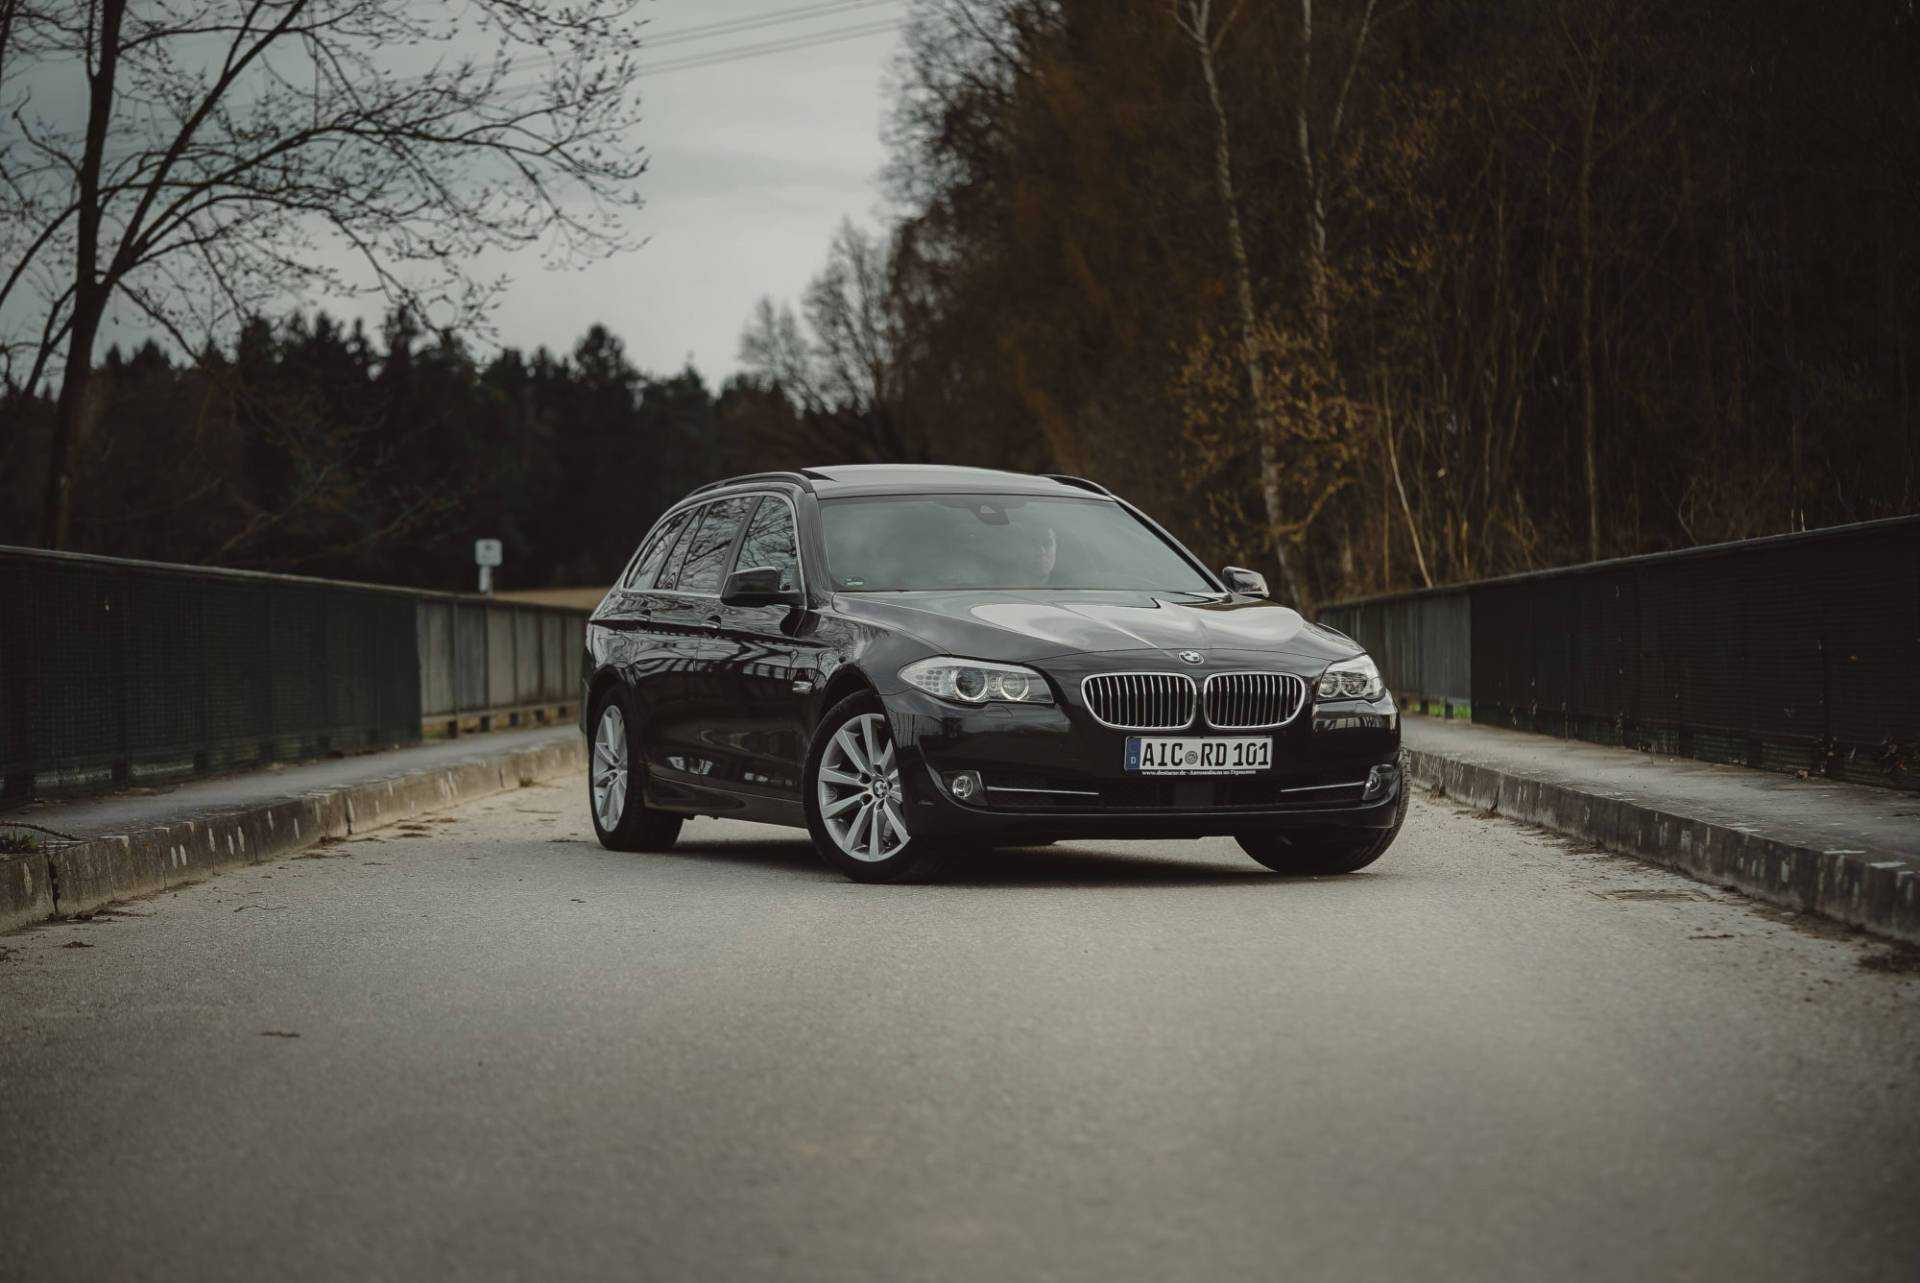 Авто из Германии в Польшу